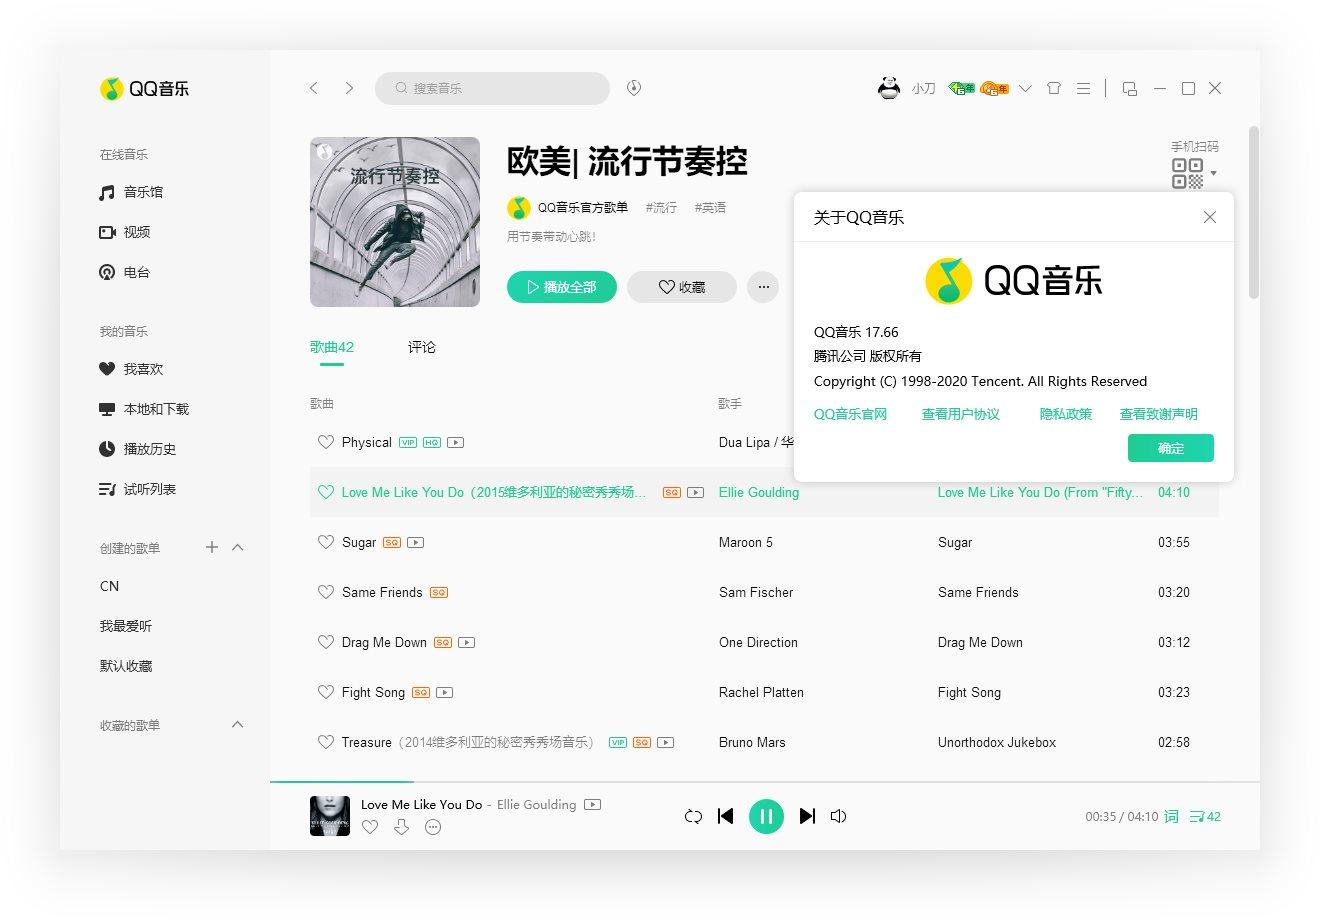 QQ音乐PC客户端v17.82.0.0